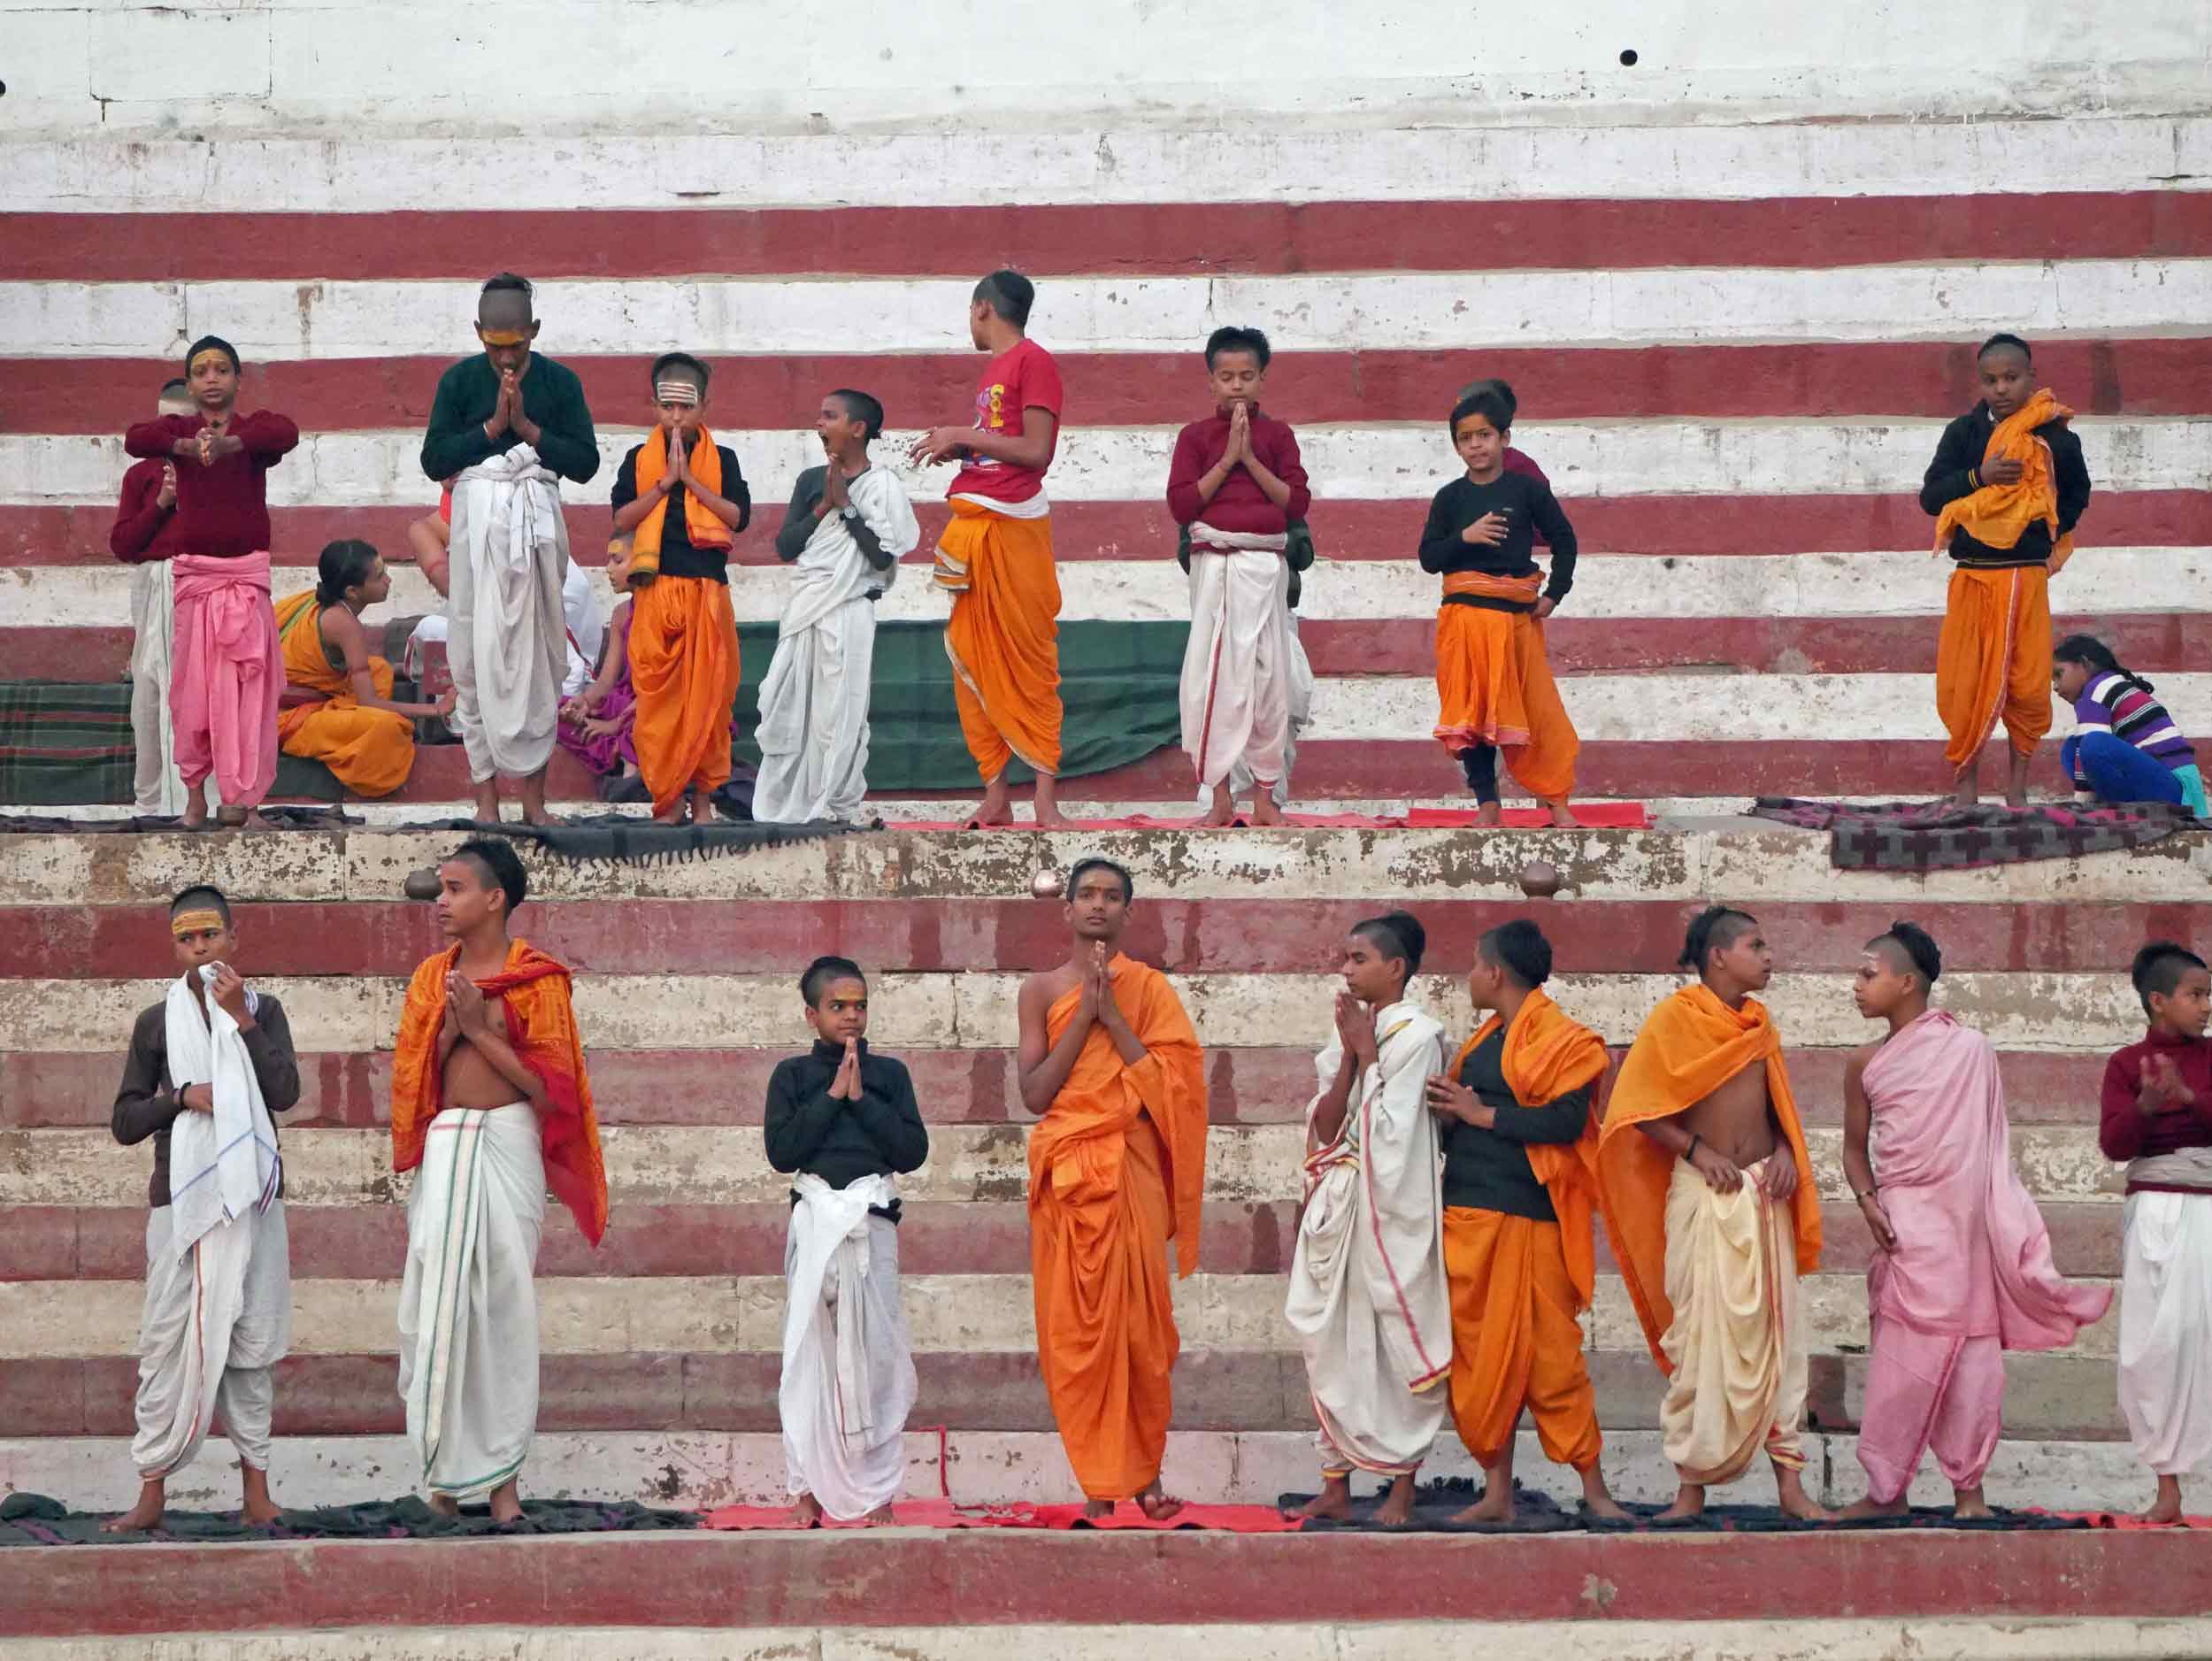 Young Hindu monks praying at the riverbank.